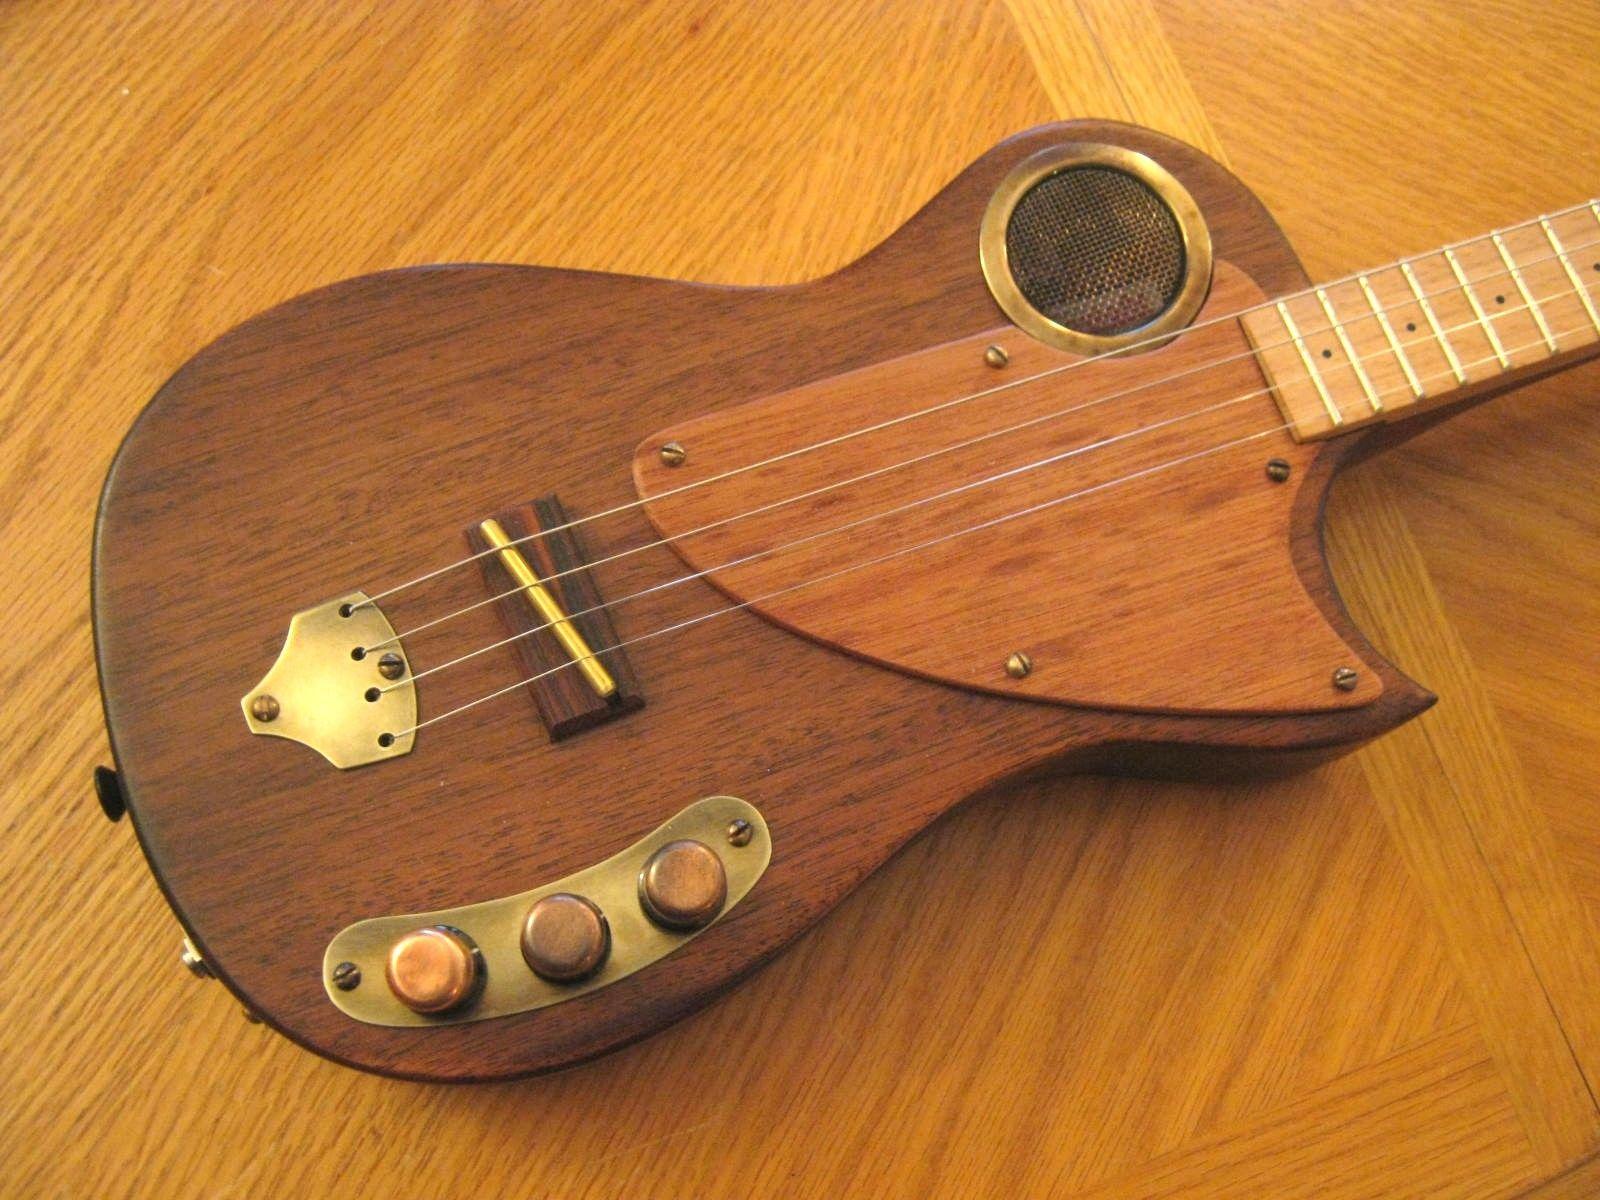 Marshall hammett custom guitars in 2019 guitar guitar